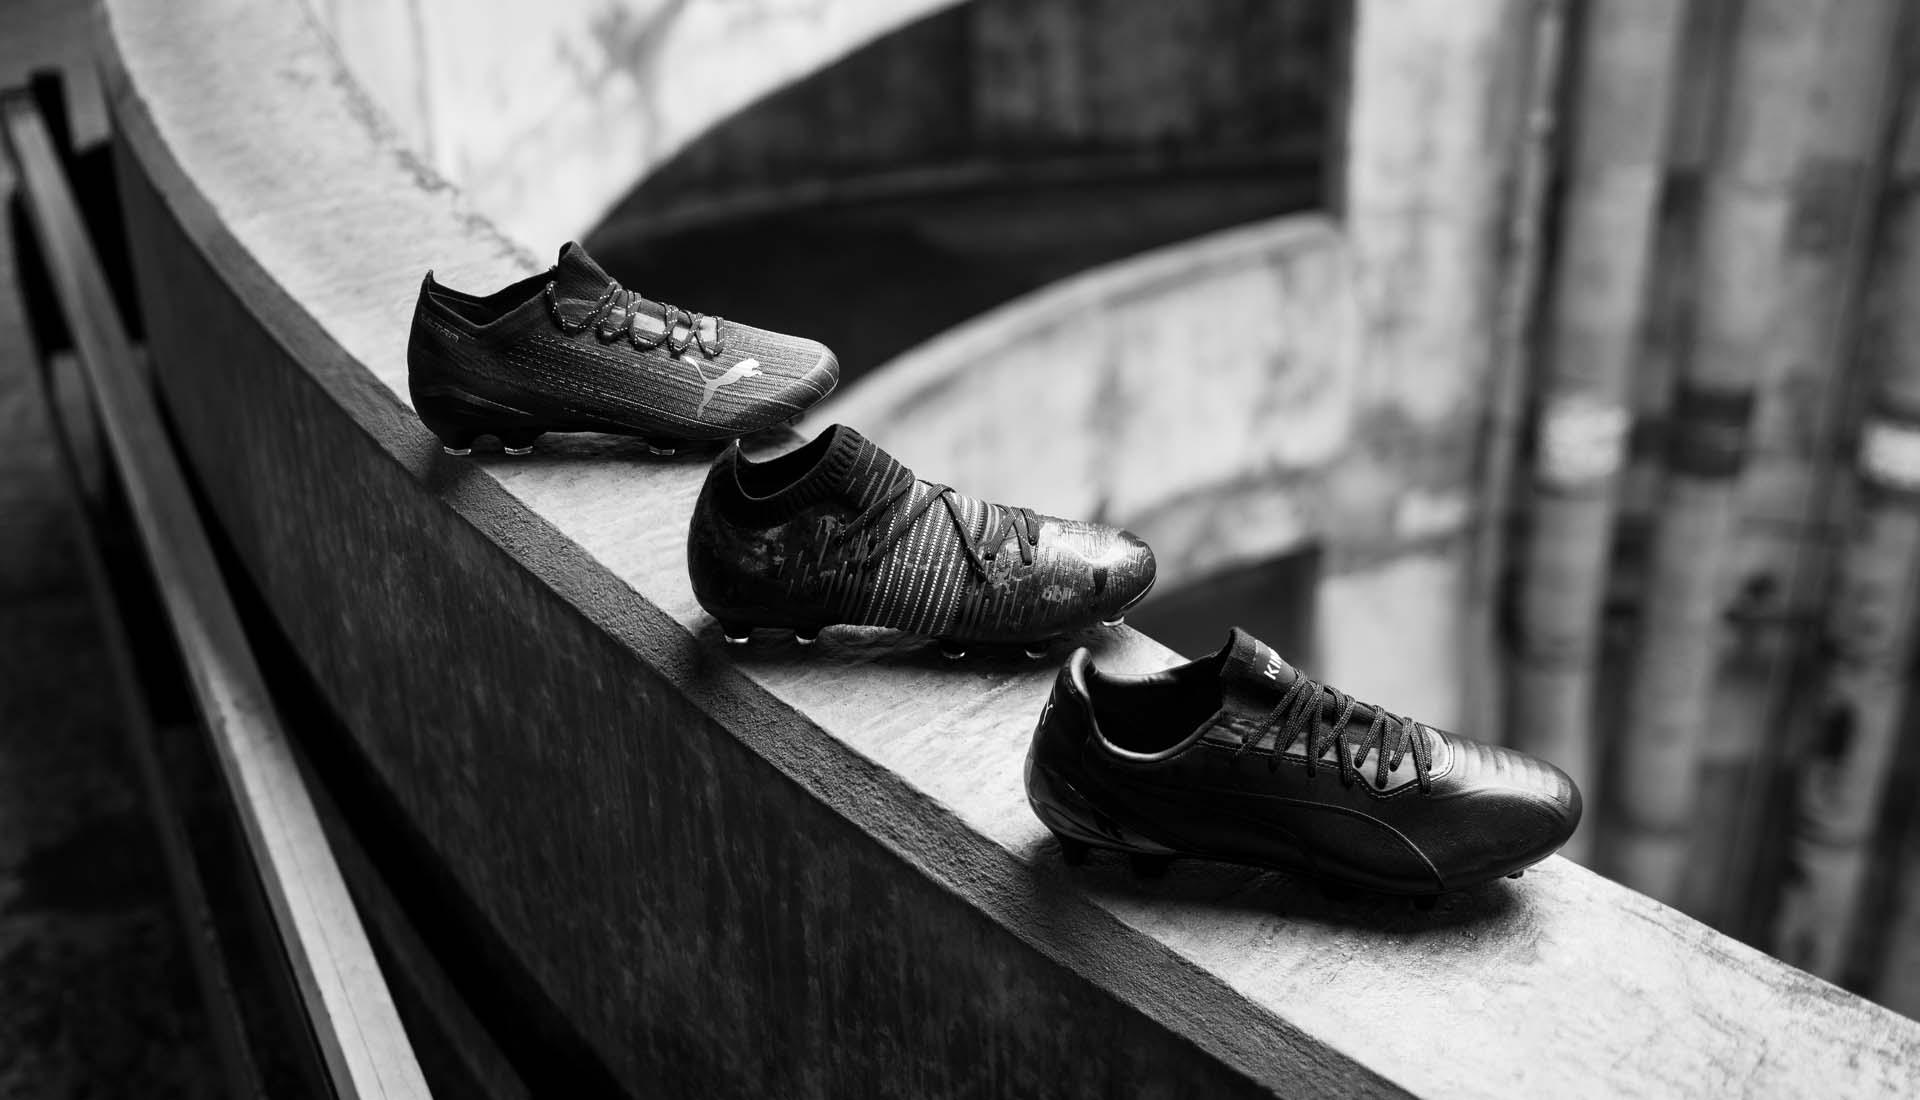 Khám phá 3 phiên bản giày đá bóng Puma Eclipse